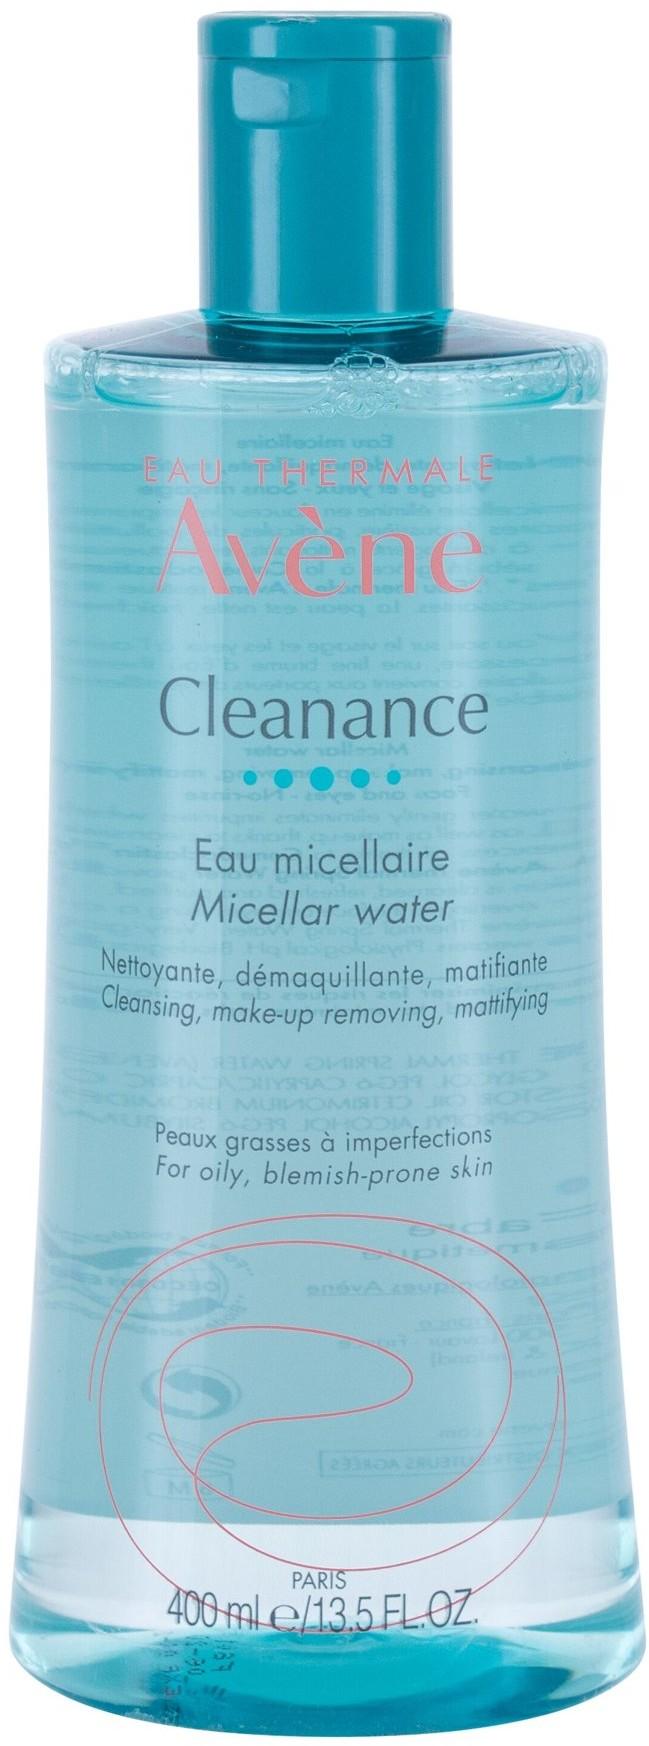 Avene Cleanance 400 ml Płyn micelarny